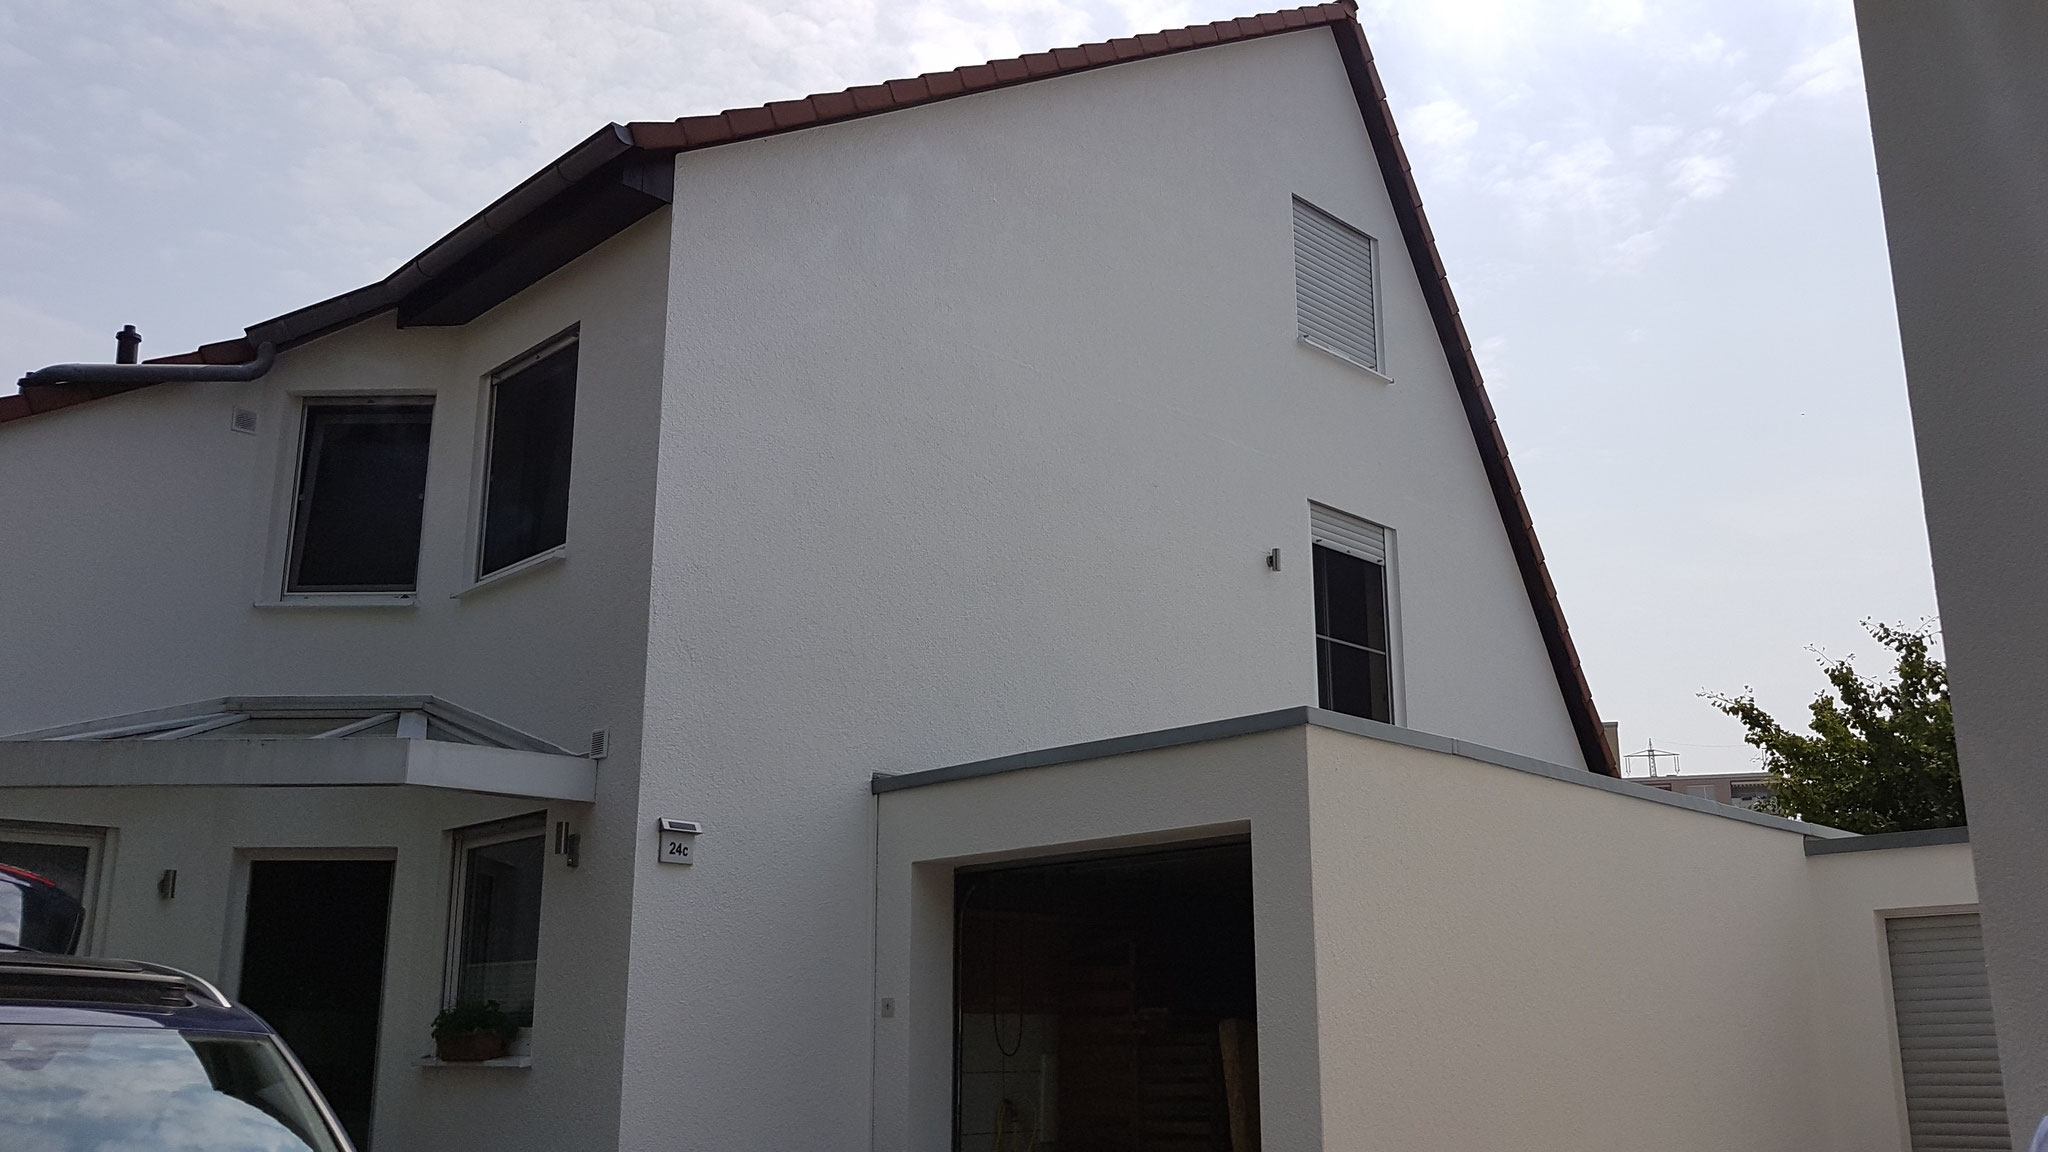 Fassade - Nachher: Diese wurde mit Siliconfassadenfarbe gestrichen